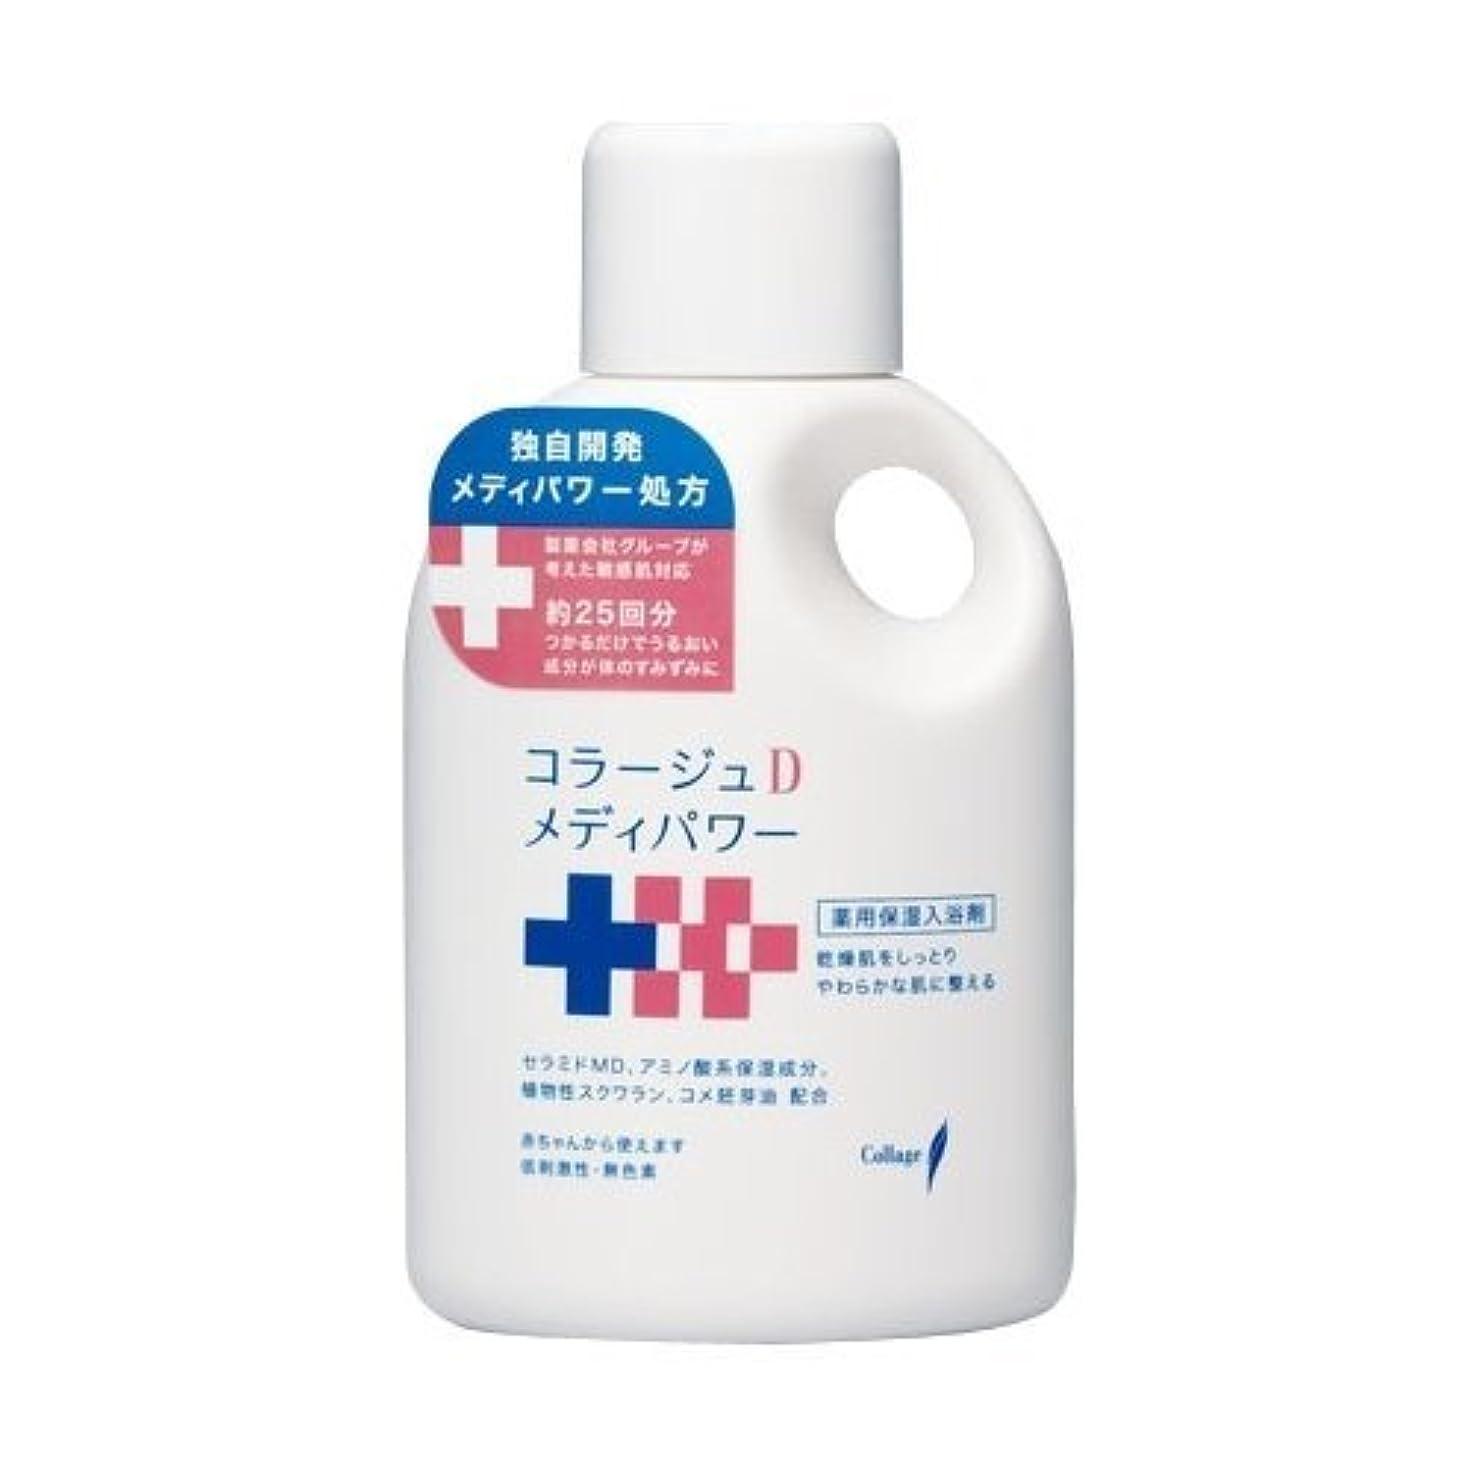 若者普遍的な見てコラージュ Dメディパワー 保湿入浴剤 500mL (医薬部外品)